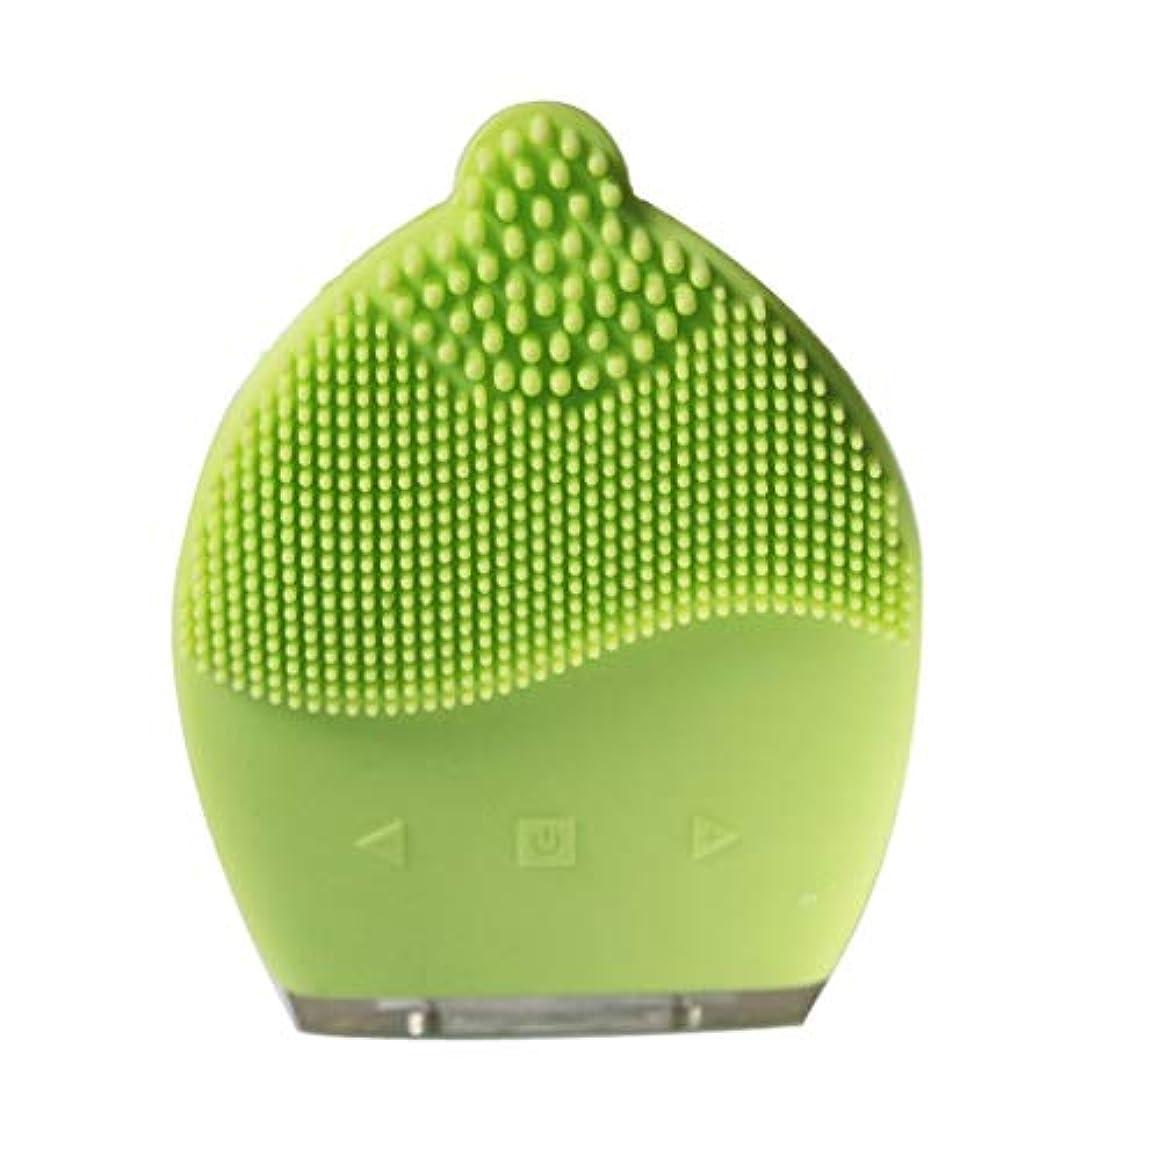 万歳ヨーグルト生息地電気シリコーンクレンジング器具、USBフェイシャルシリコーンポータブルフェイシャルマッサージャーディープエクスフォリエイティングジェントル&ディープクレンジングフェイシャル (Color : Green)